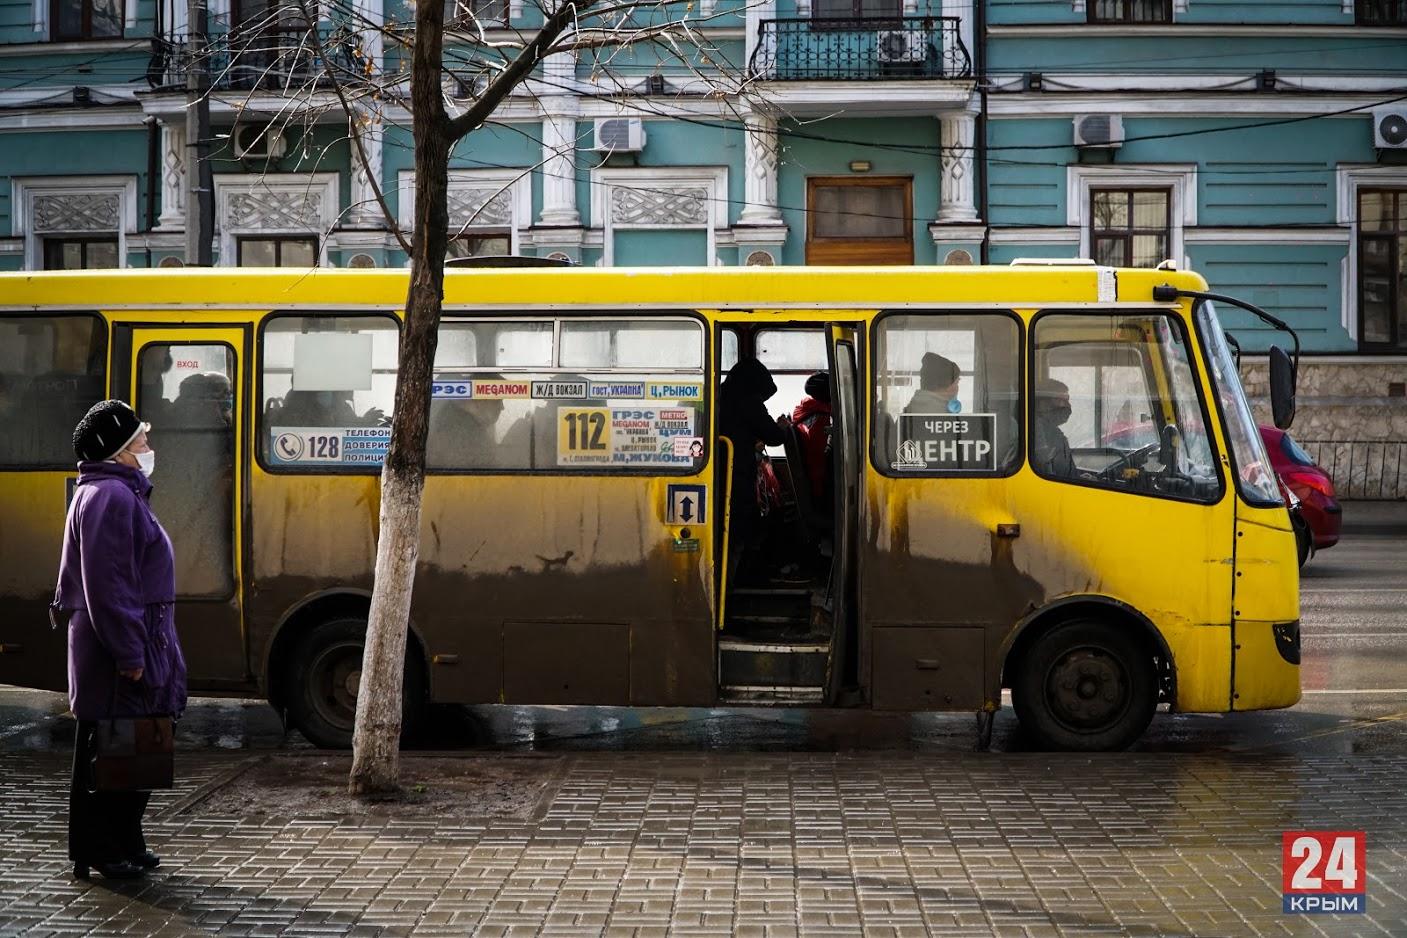 Около 25% крымчан пользуются банковскими картами в транспорте